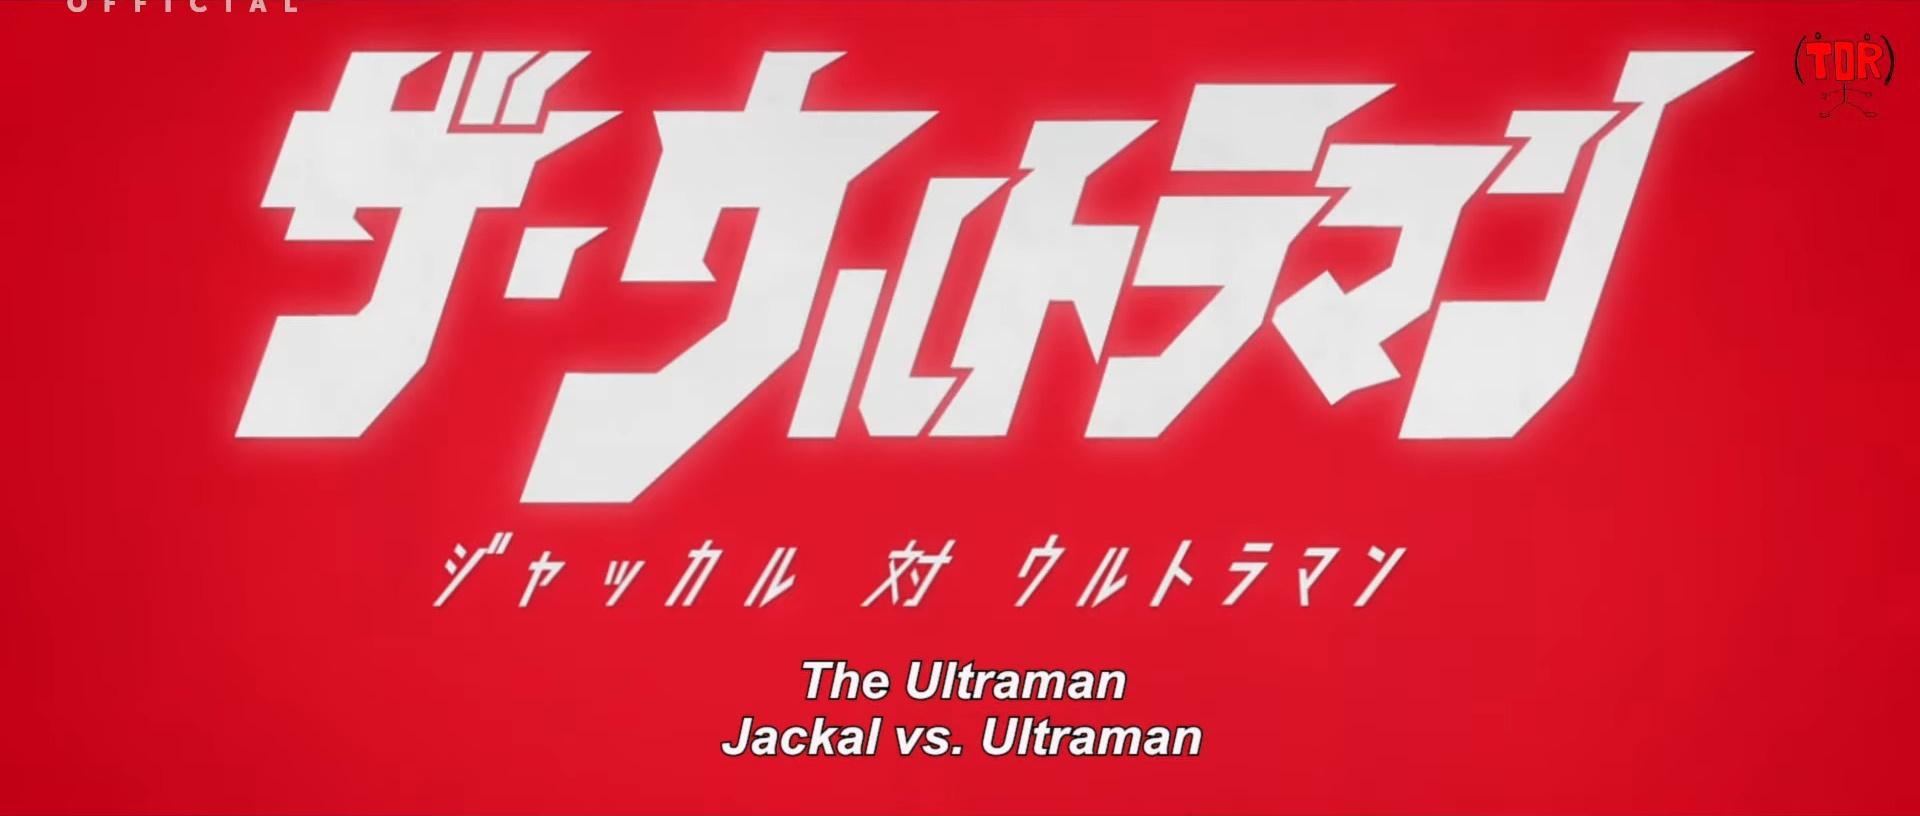 The・Ultraman: Jackal vs. Ultraman